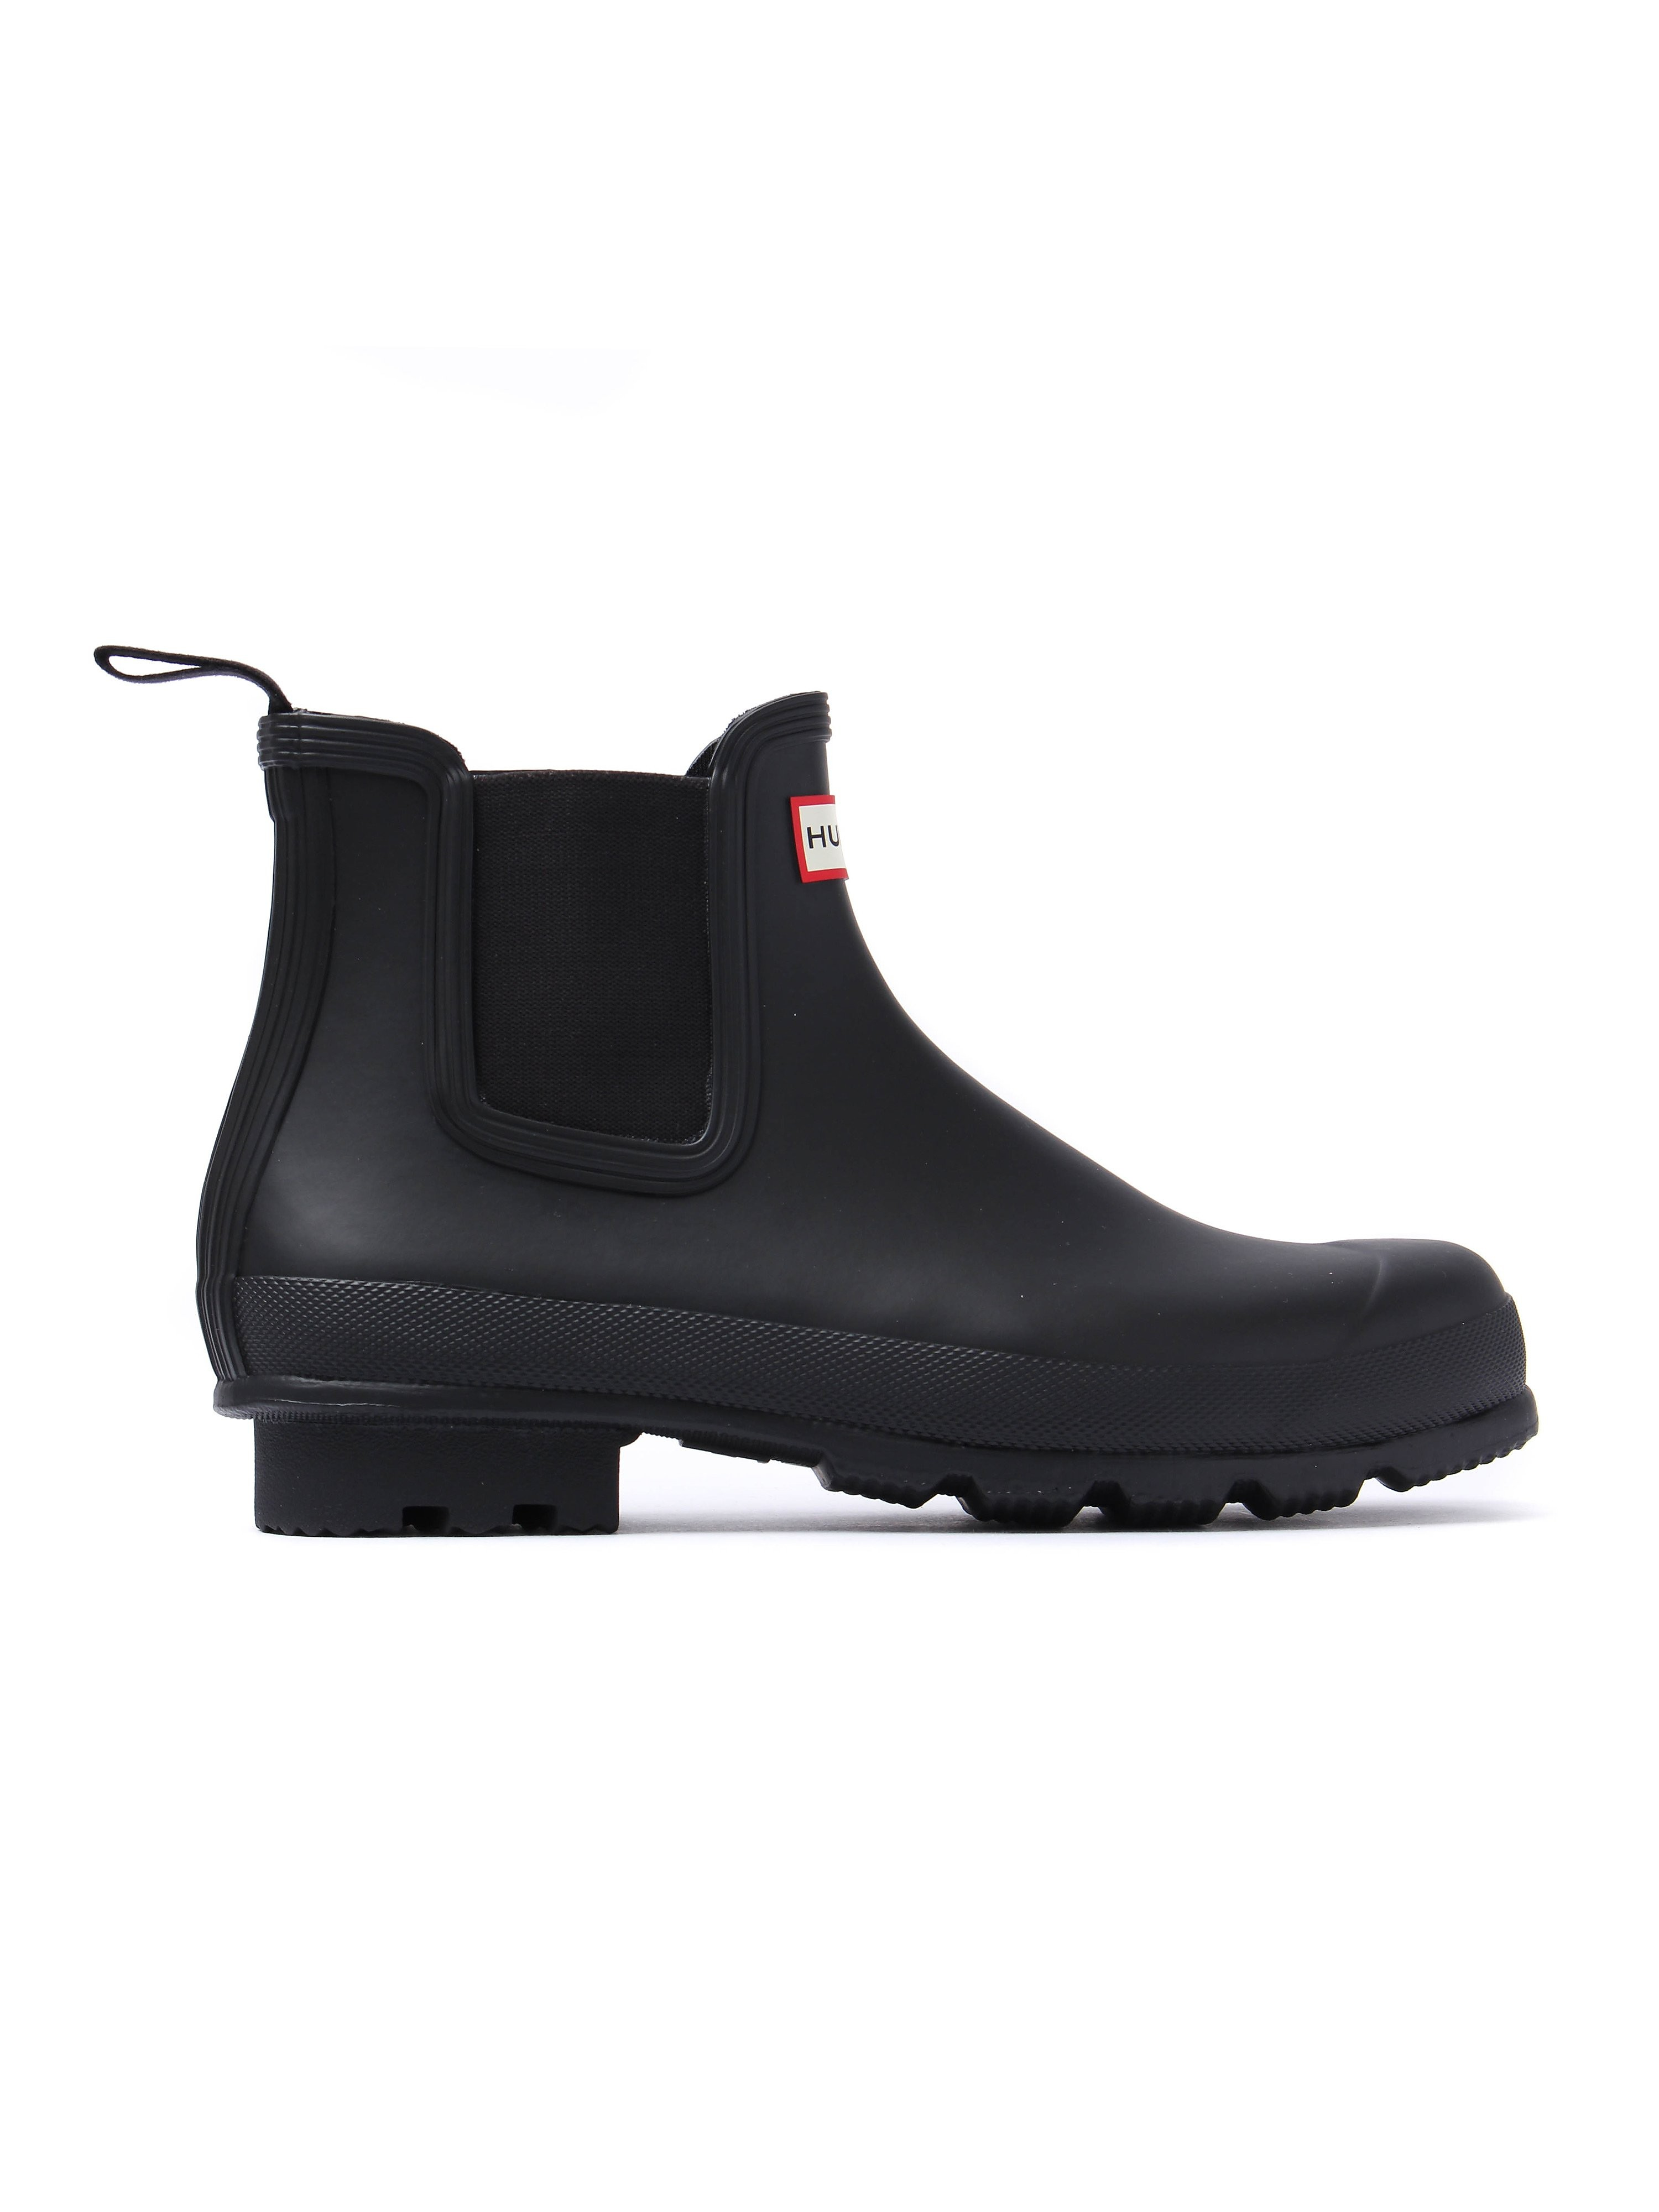 Hunter Wellies Men's Original Waterproof Chelsea Boots - Black